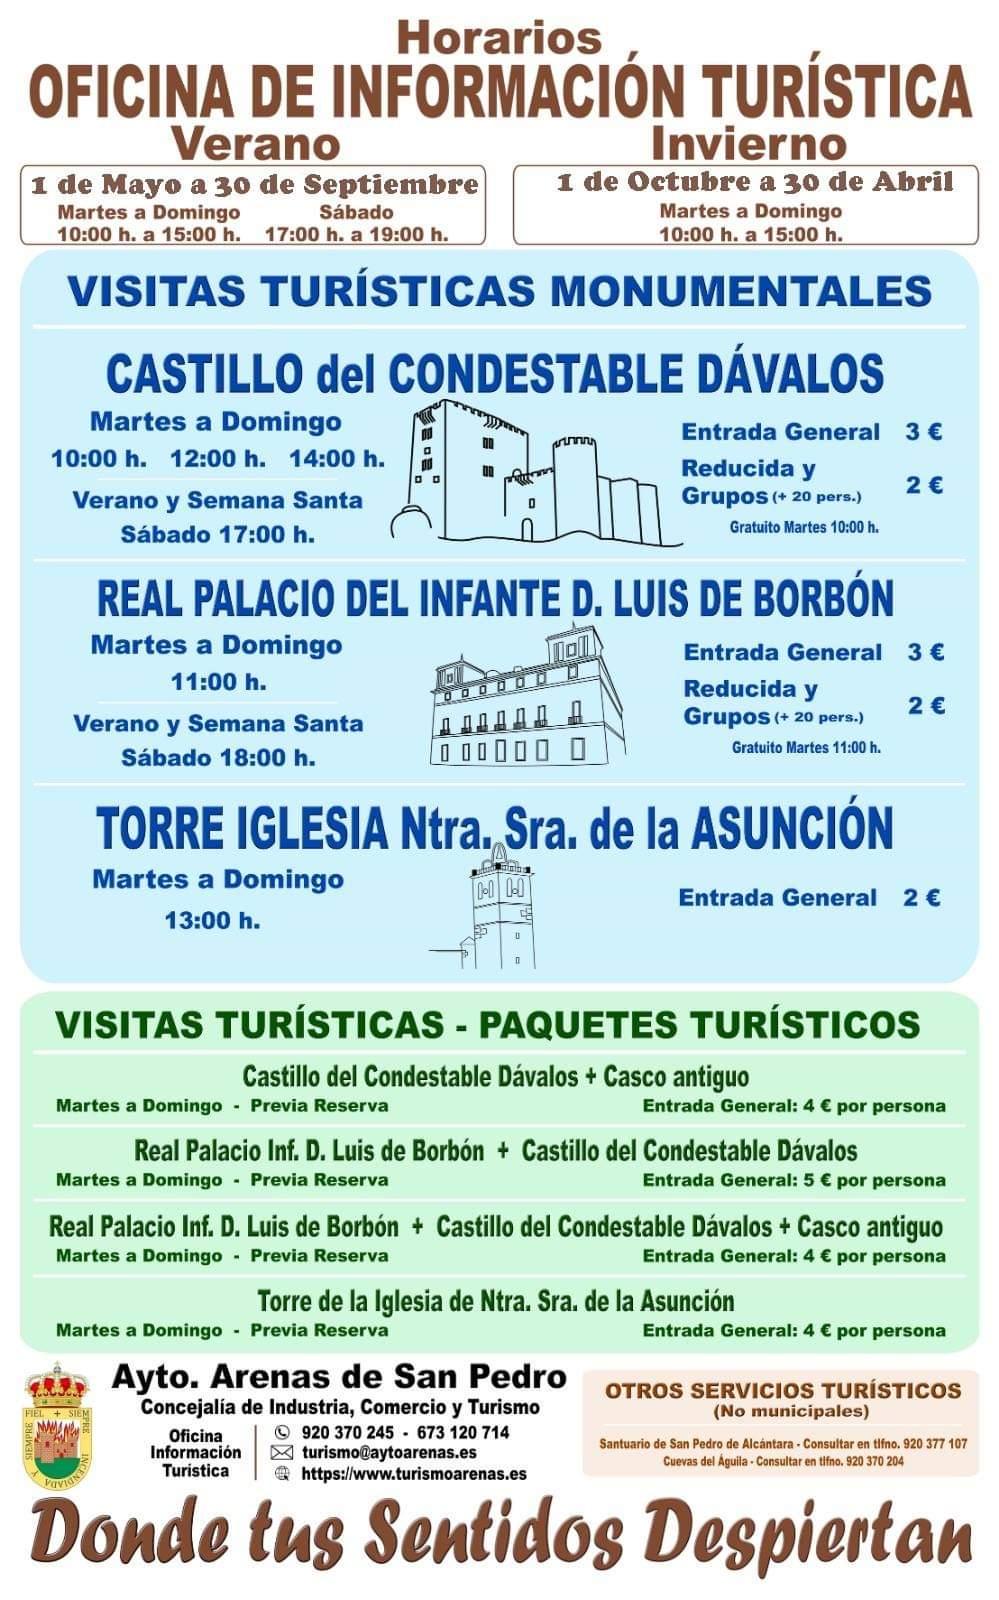 Horarios Turismo Arenas de San Pedro - TiétarTeVe